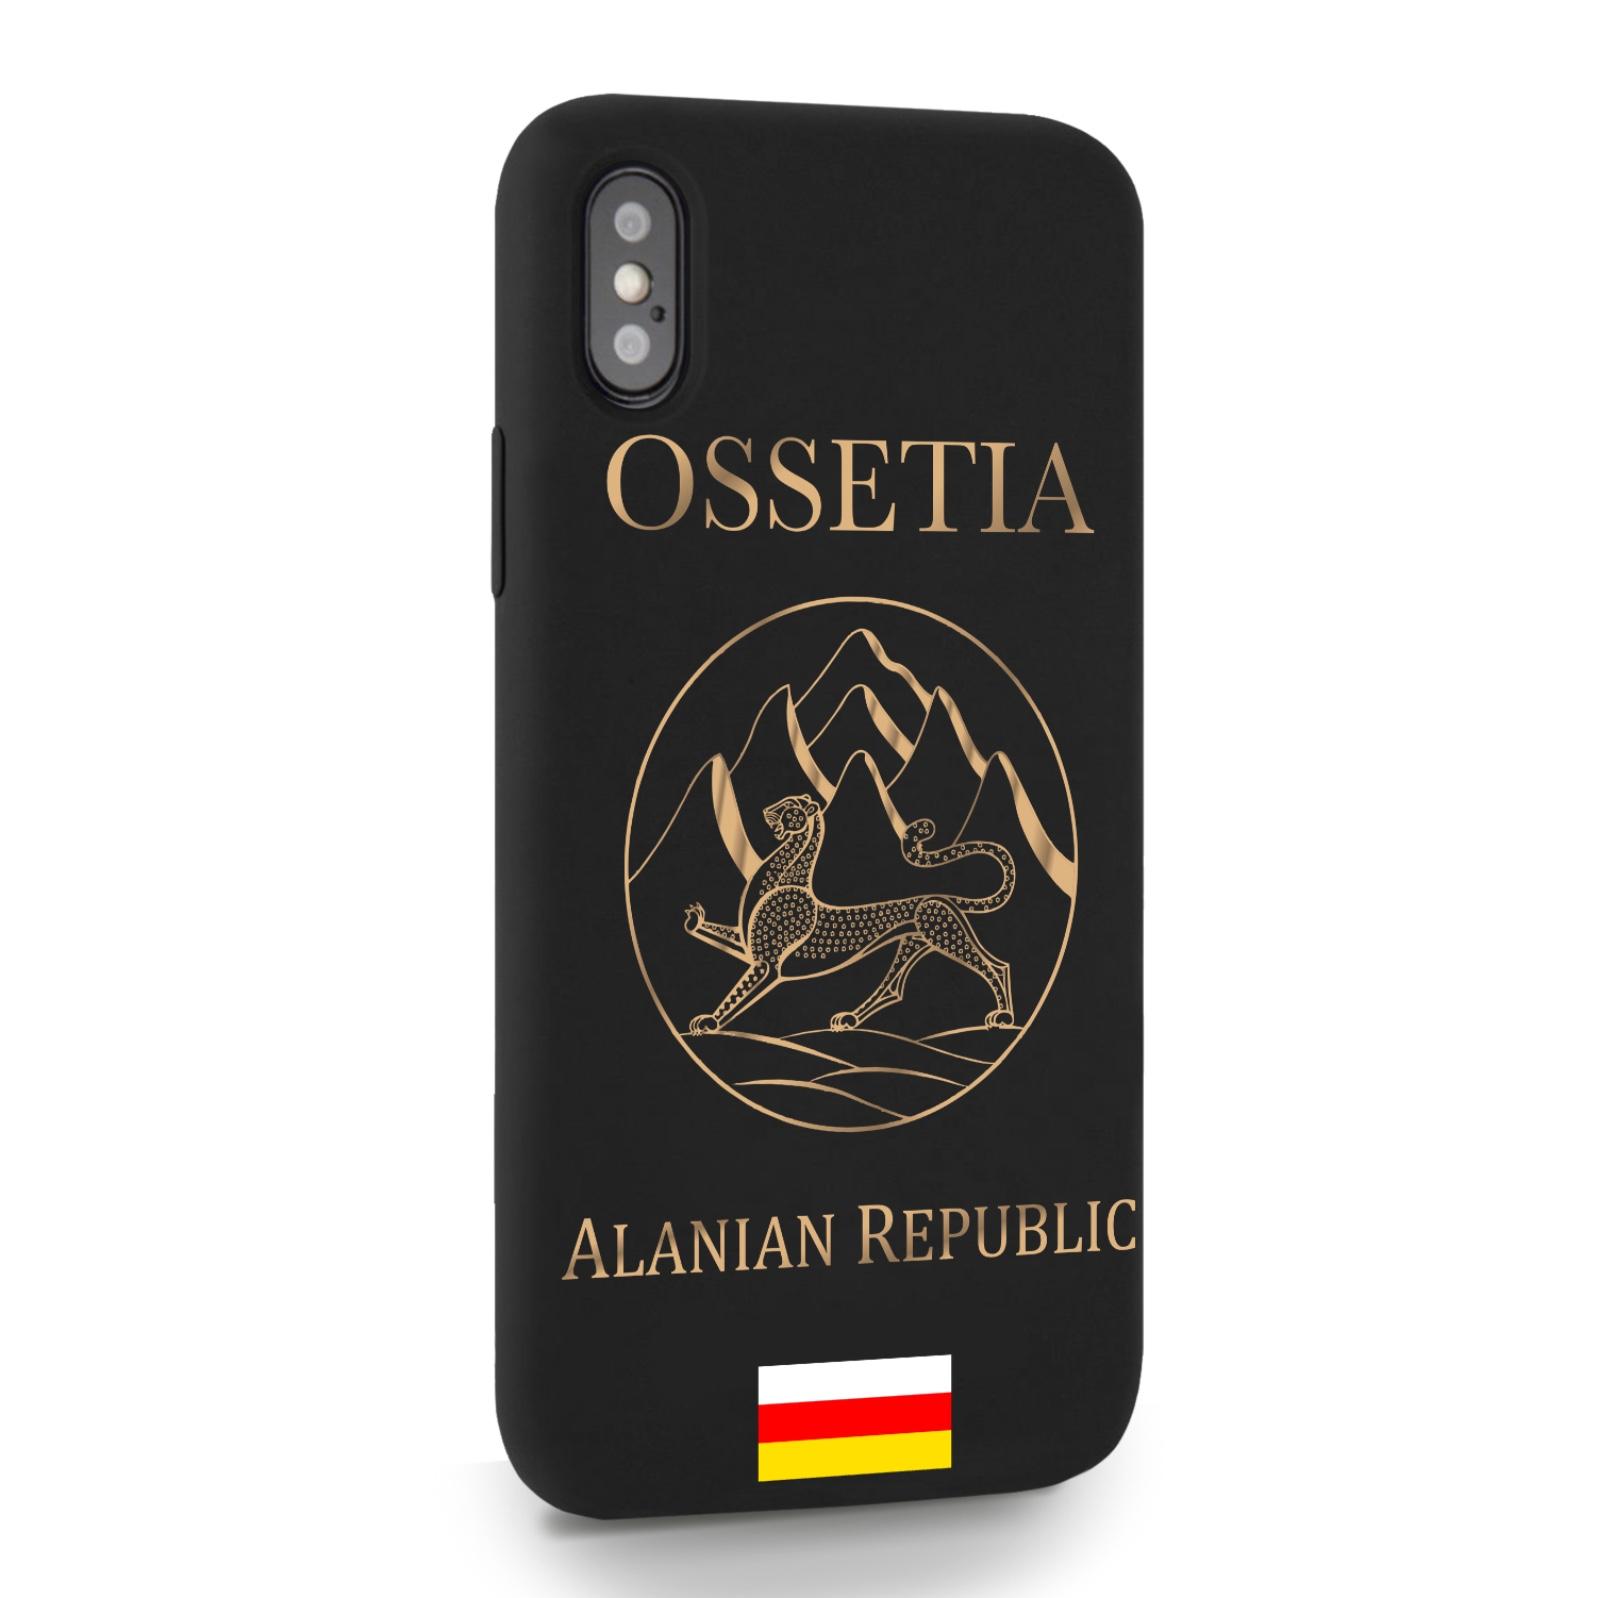 Черный силиконовый чехол для iPhone X/XS Золотой Герб Северной Осетии для Айфон 10/10C